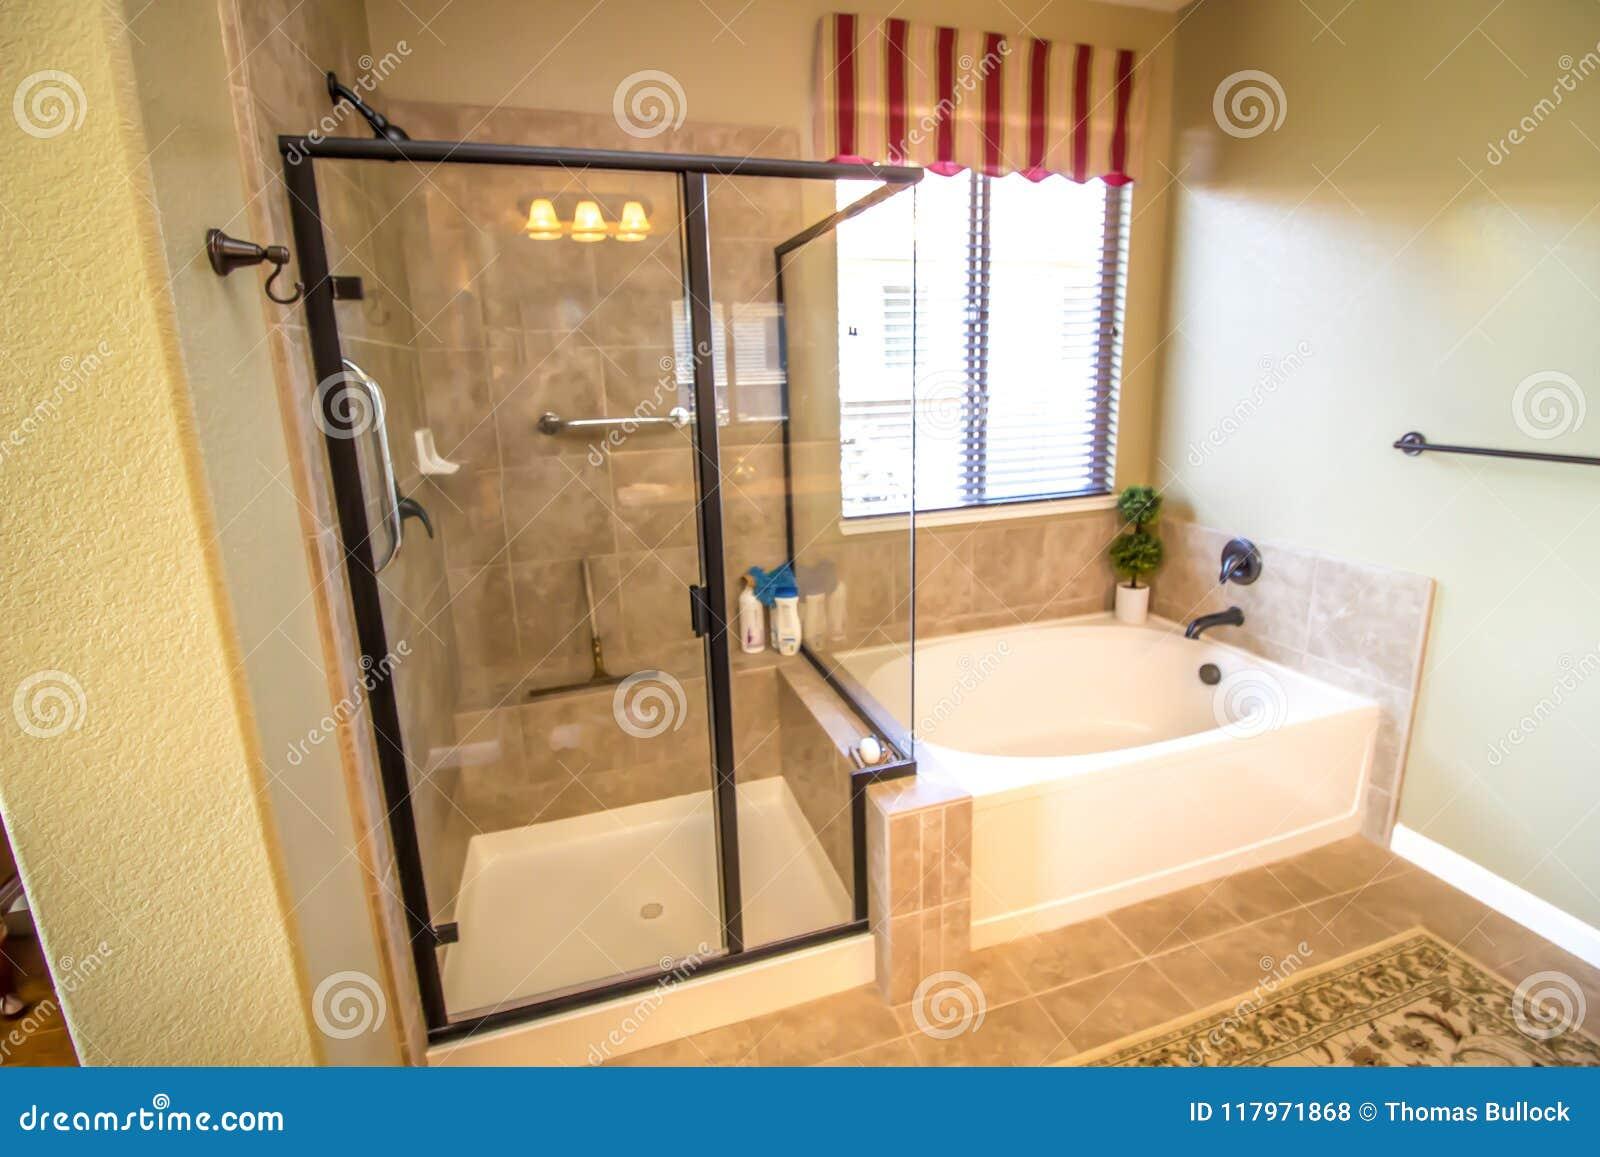 Bagni Moderni Con Doccia : Bagno moderno con la doccia e la vasca fotografia stock immagine